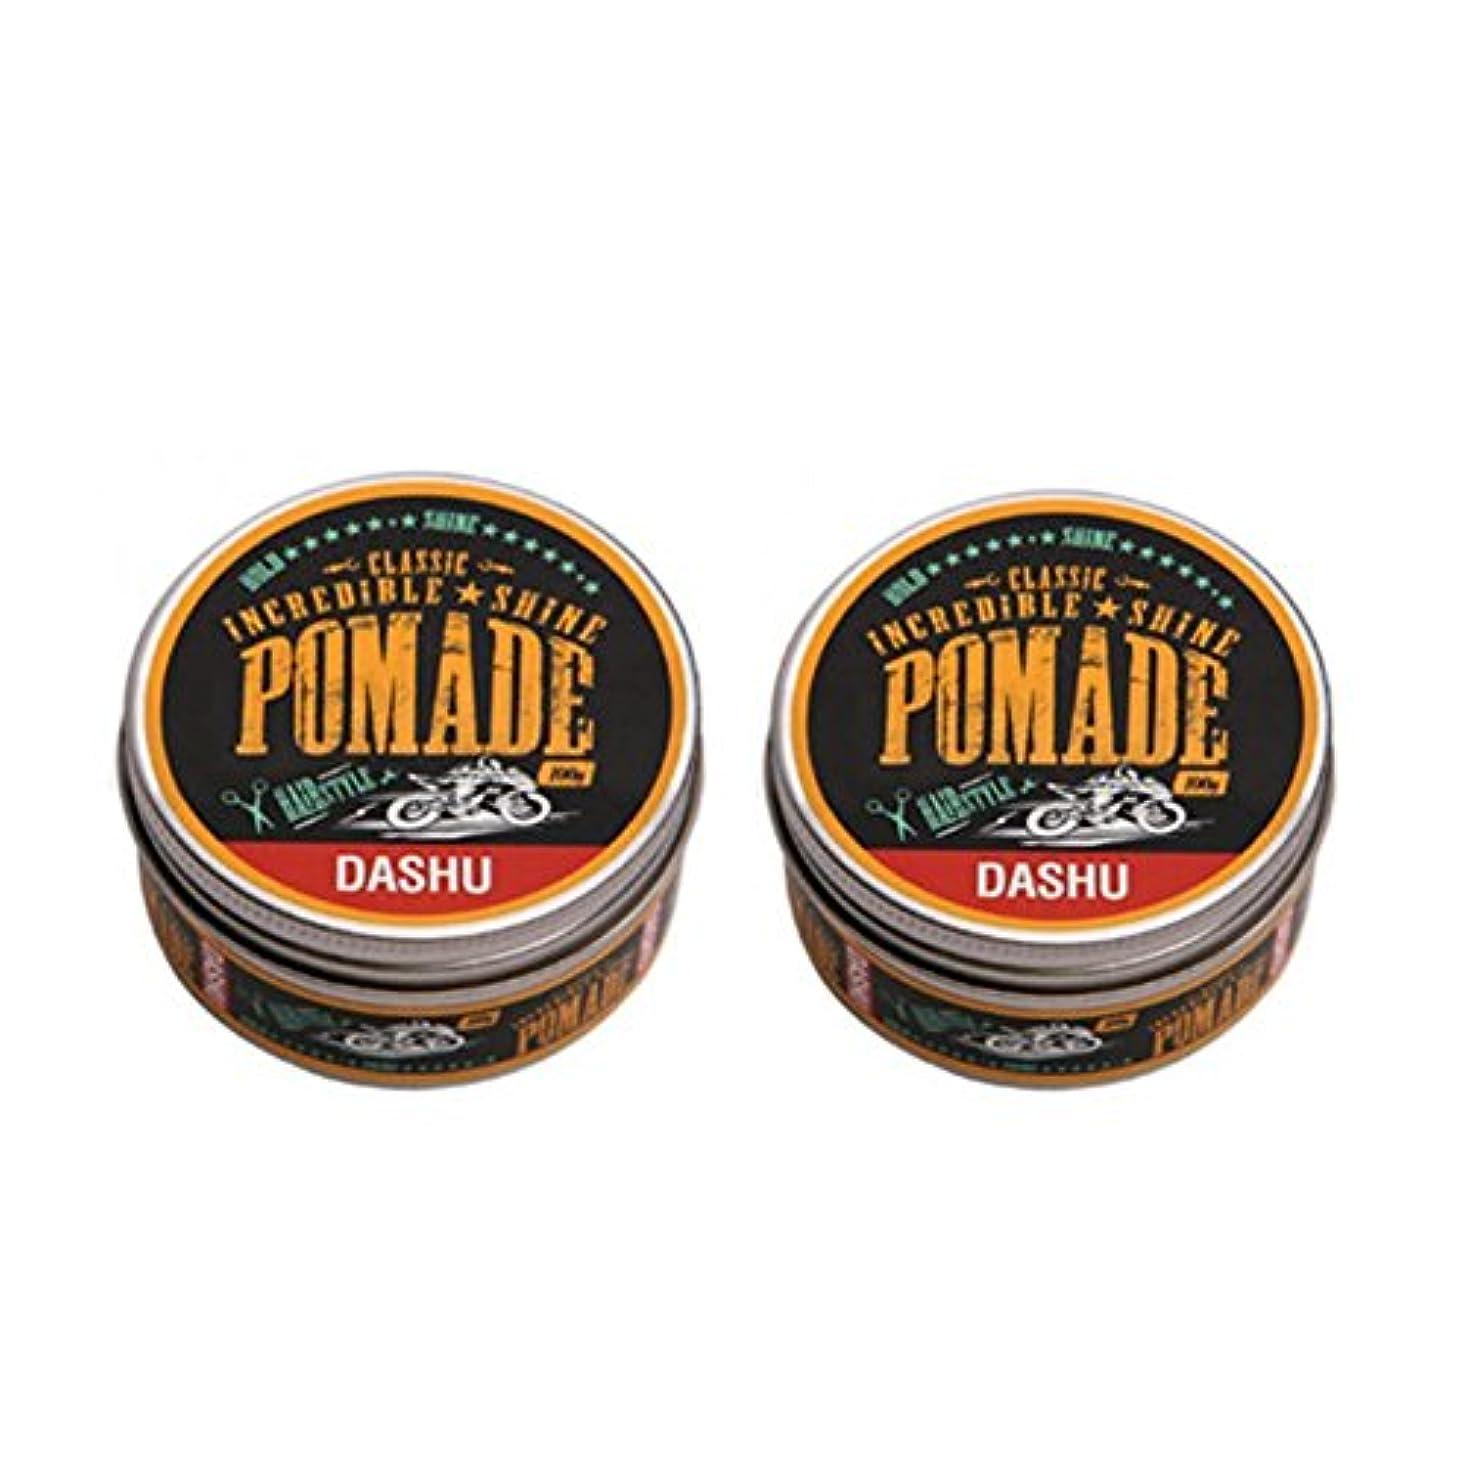 マリンランプ解き明かす(2個セット) x [DASHU] ダシュ クラシック 信じられないほどの輝き ポマードワックス Classic Incredible Shine Pomade Hair Wax 100ml / 韓国製 . 韓国直送品